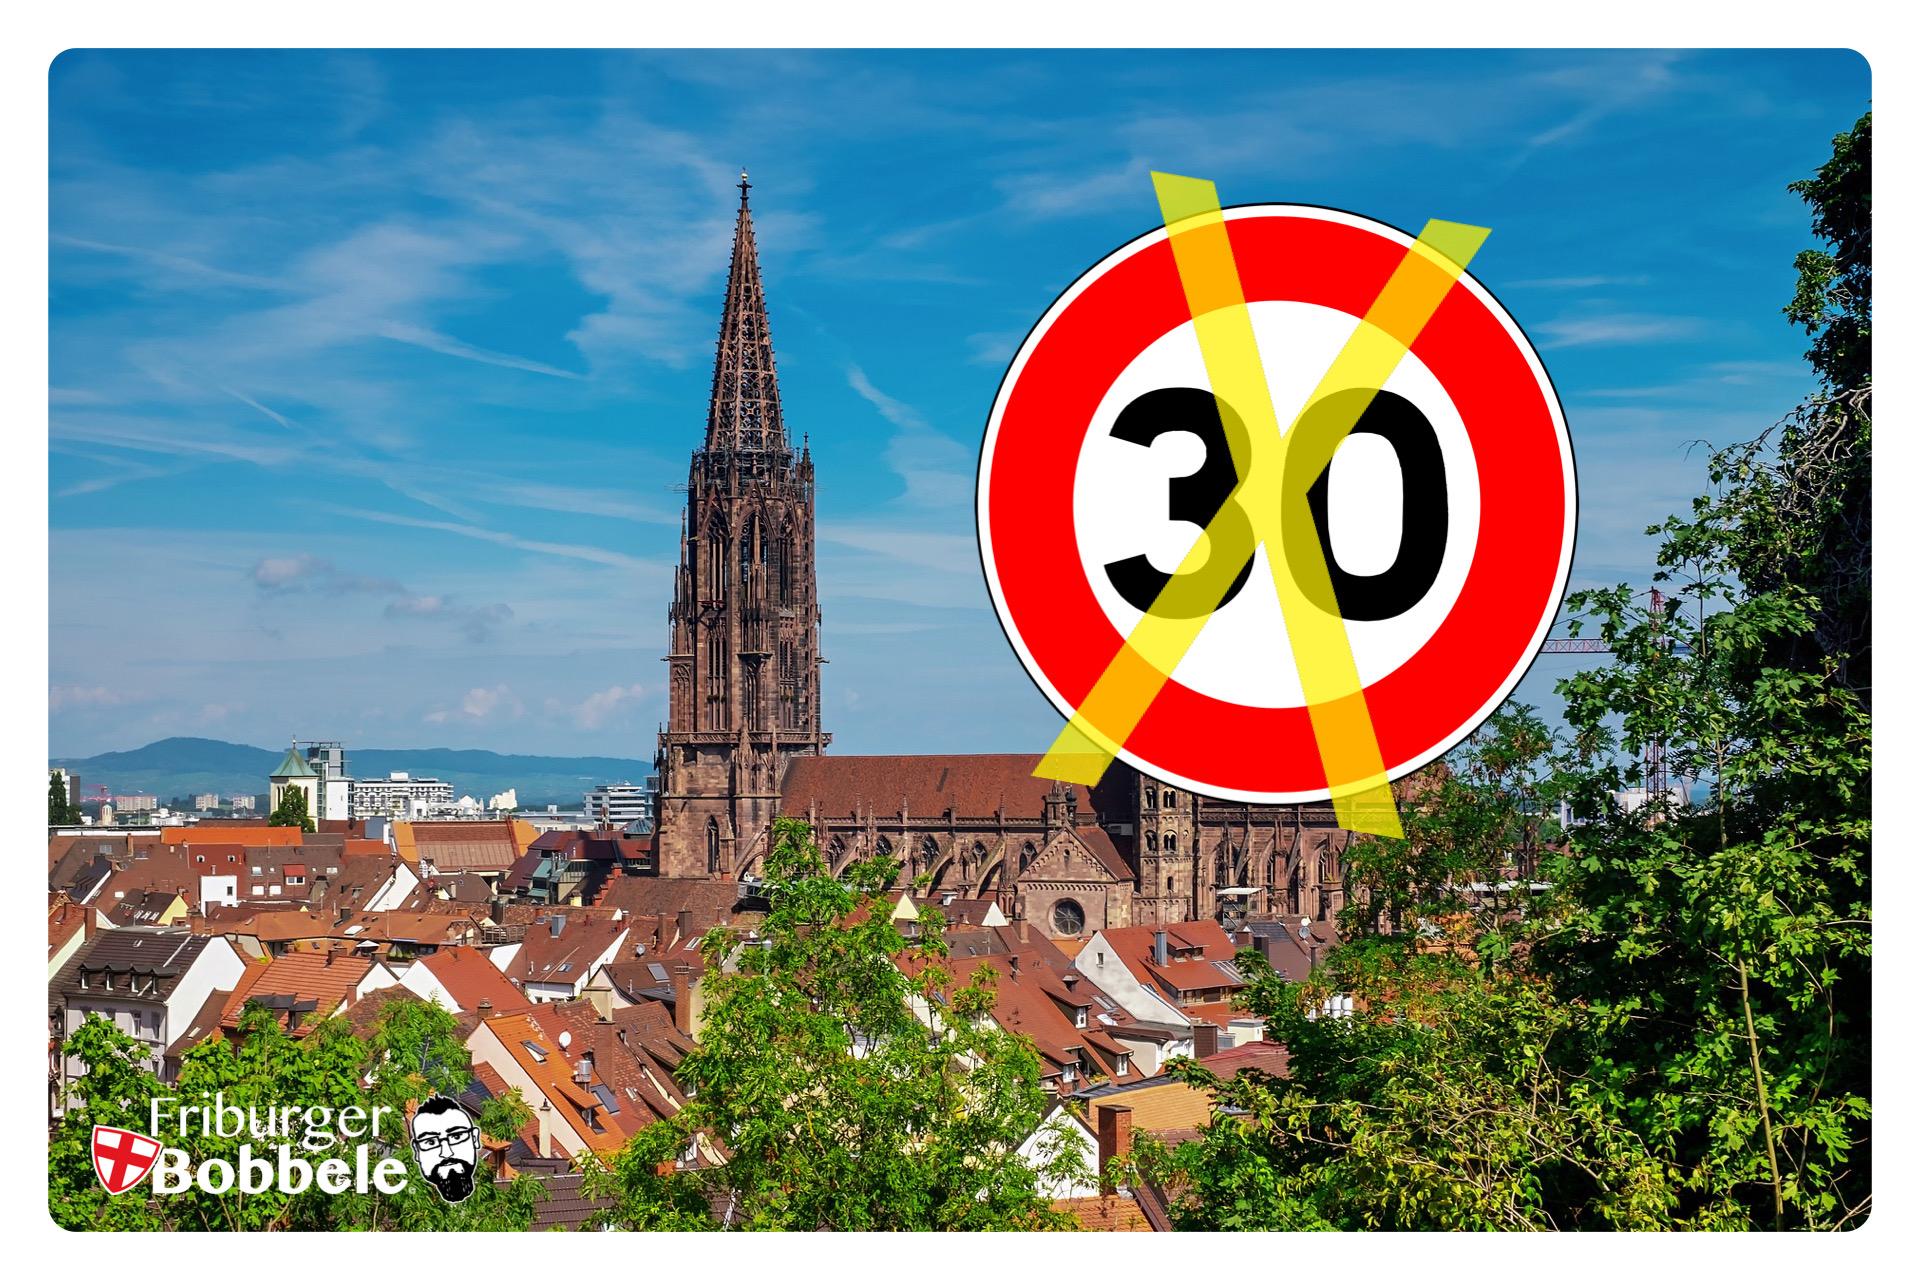 """Tempo 30 in ganz Freiburg? Der Verkehrsminister sagt """"Nein"""""""